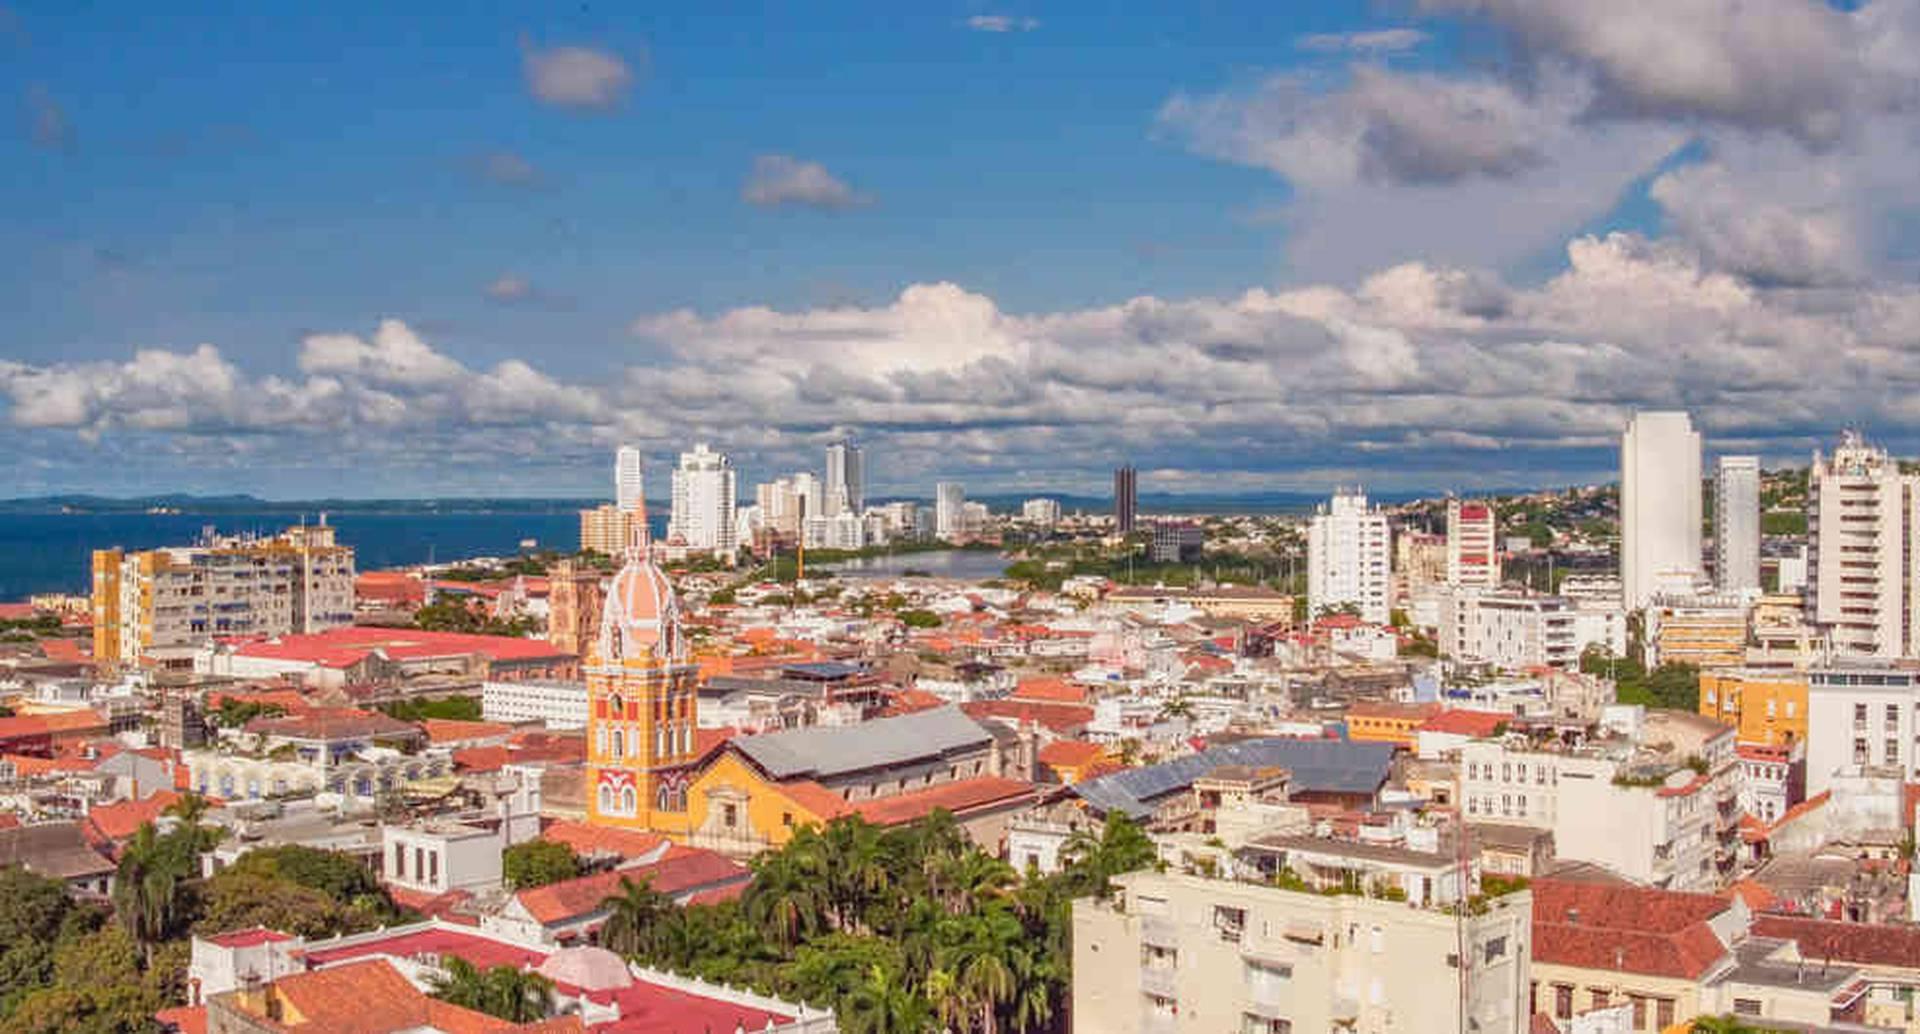 Surtigas cuenta con 777.885 usuarios residenciales, 9.770 comerciales y 311 industriales en el Caribe colombiano.